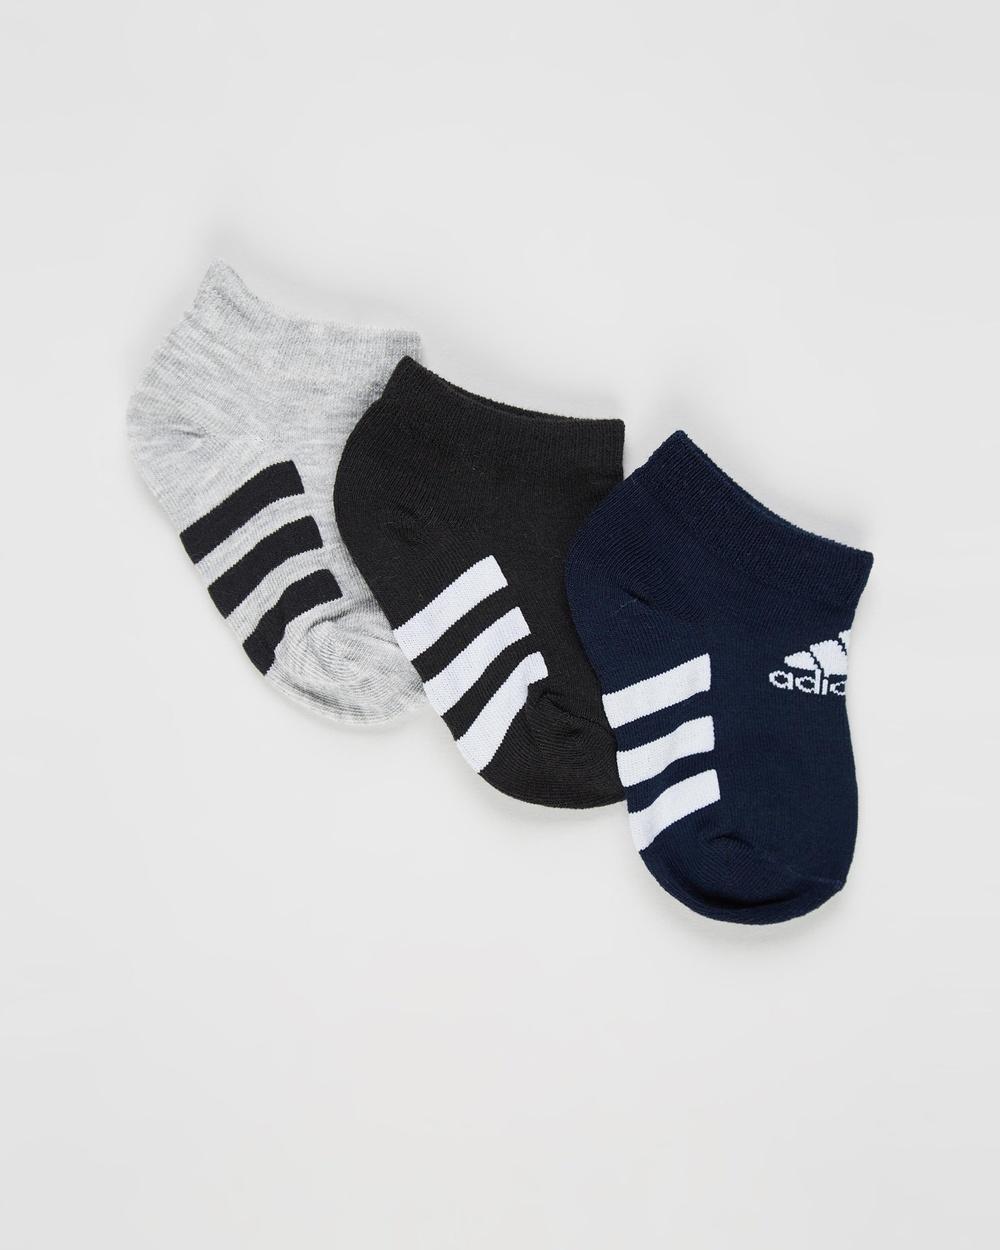 adidas Performance Ankle Socks 3 Pack Kids Teens & Tights Medium Grey Heather, Black Collegiate Navy 3-Pack Kids-Teens